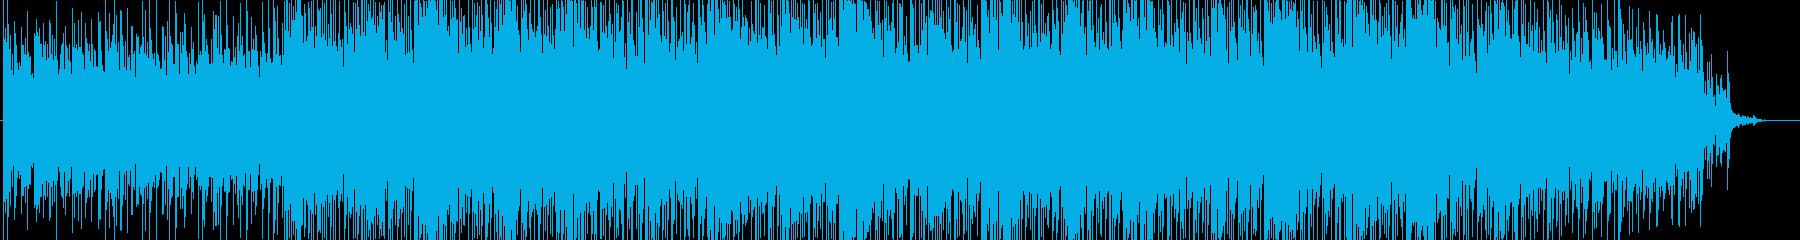 緊迫感・映像・解説・ナレーション用の再生済みの波形